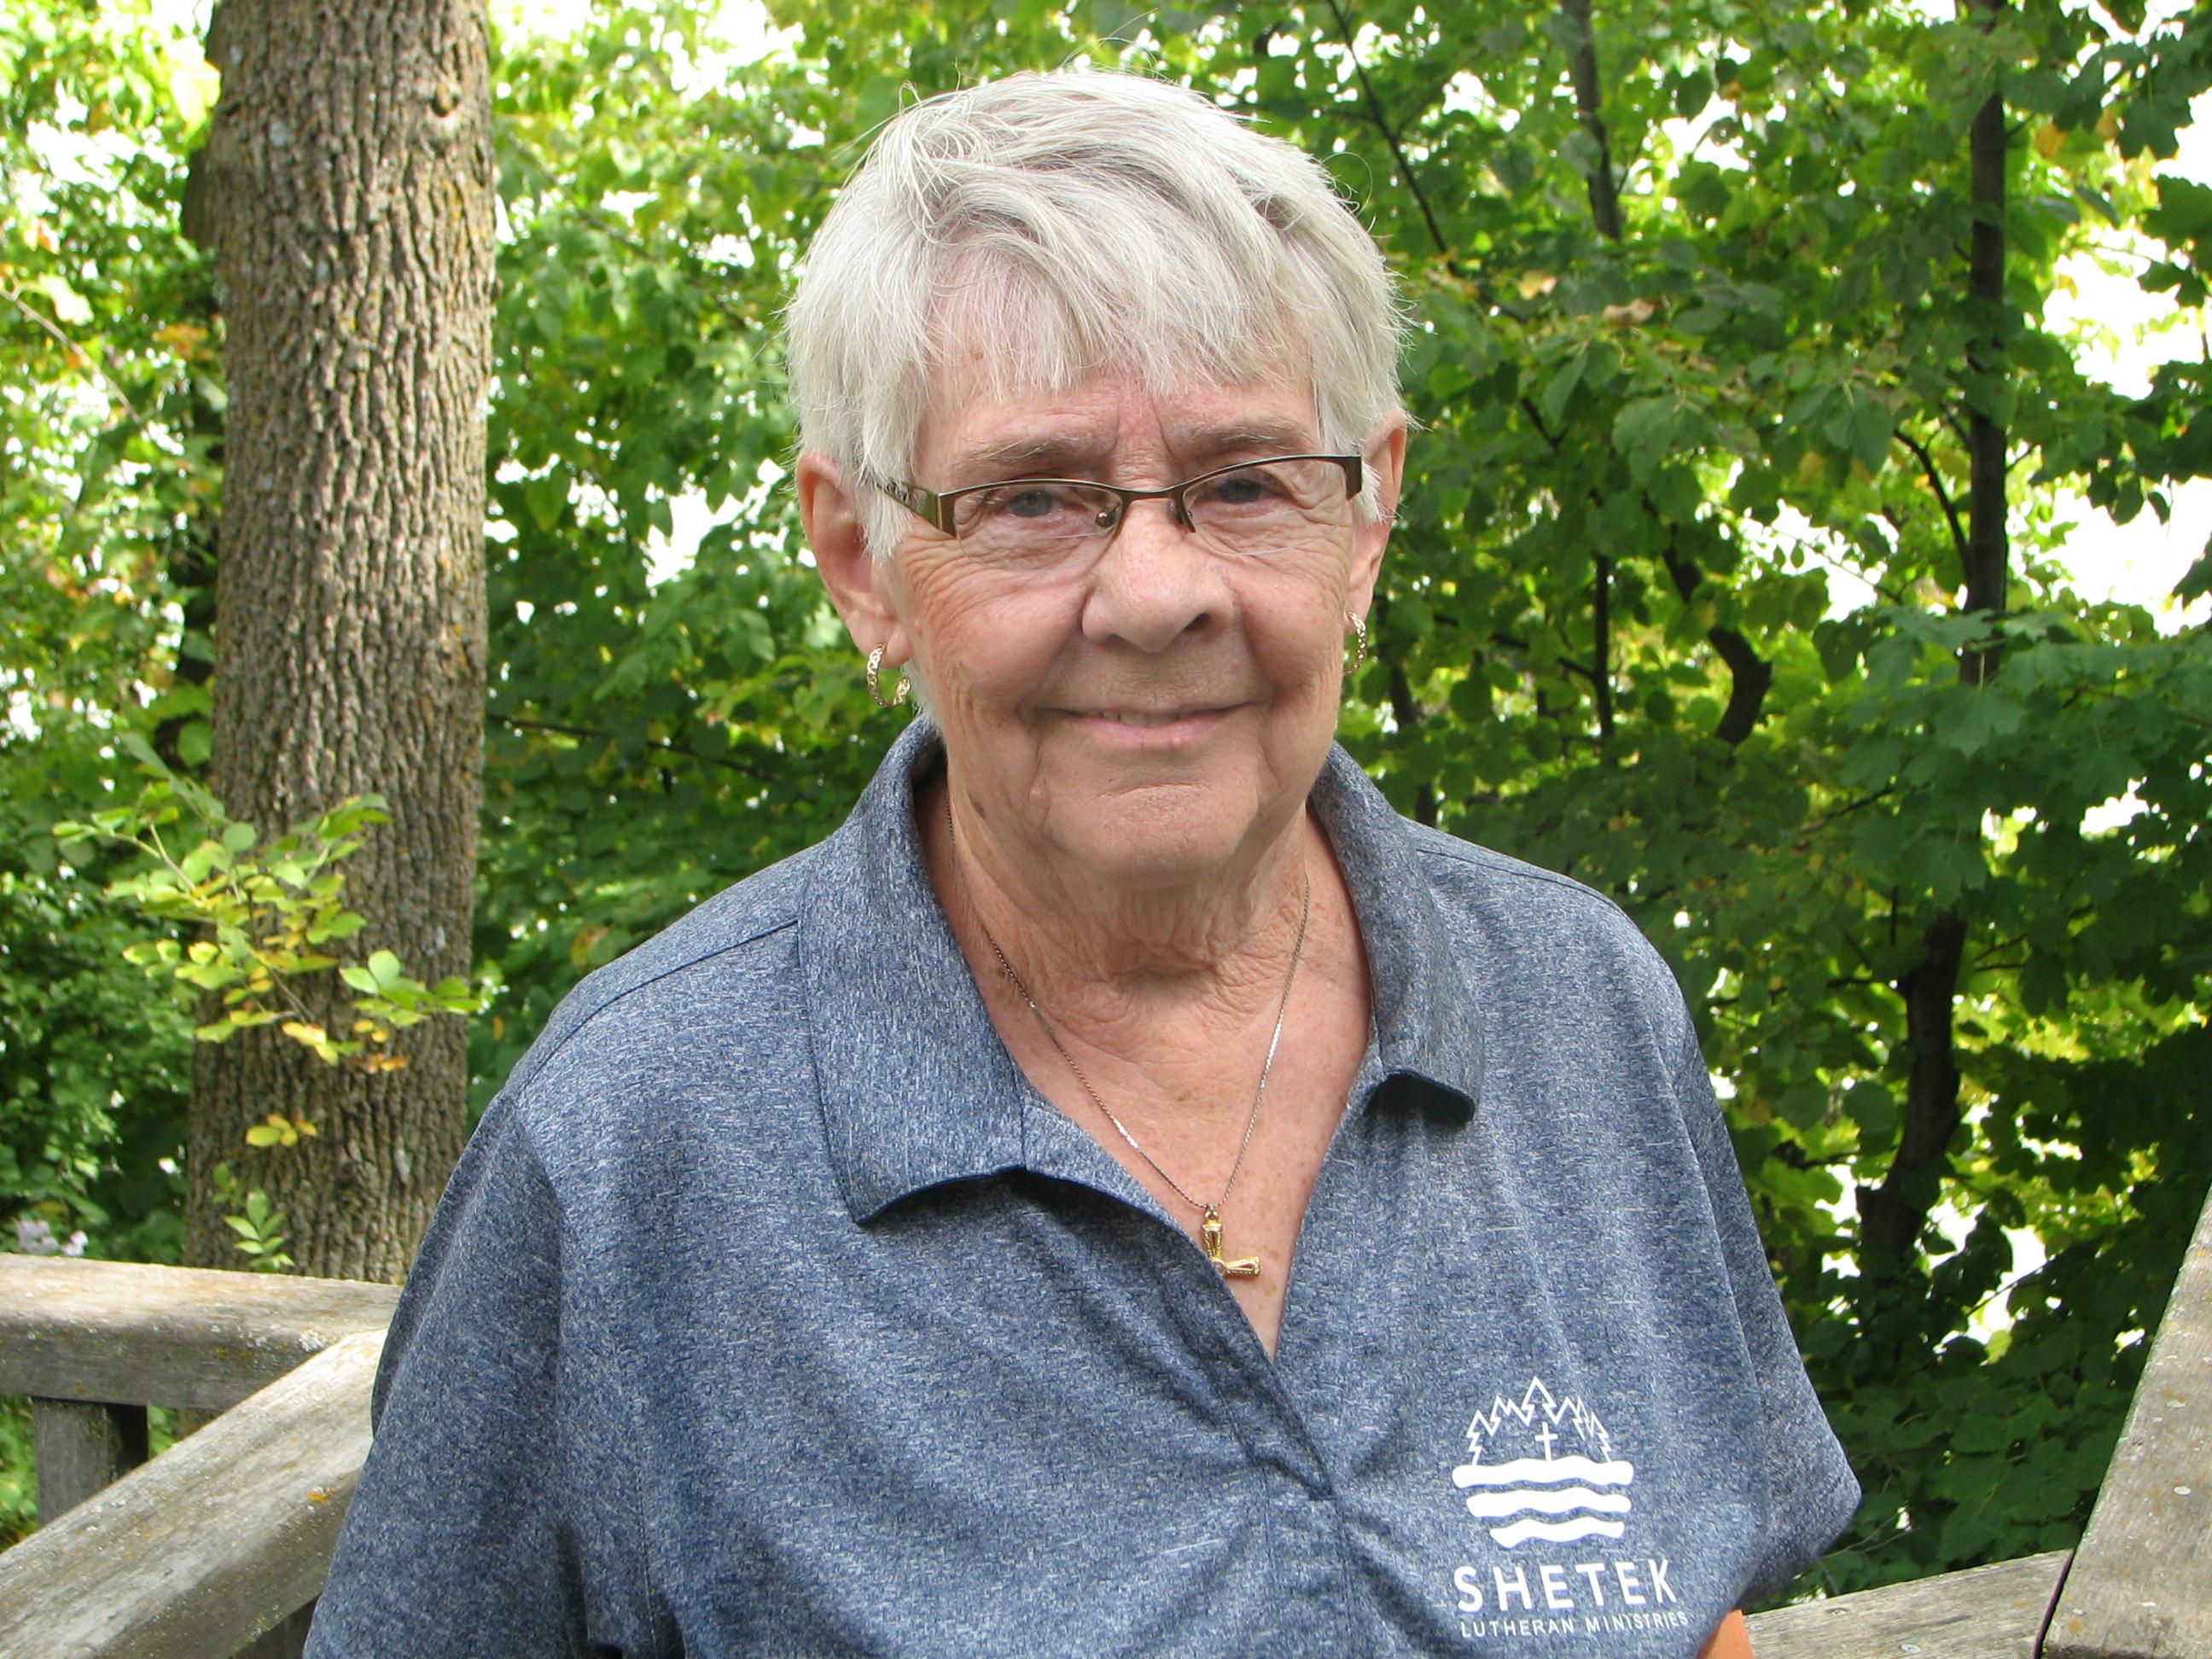 Jane Wahl